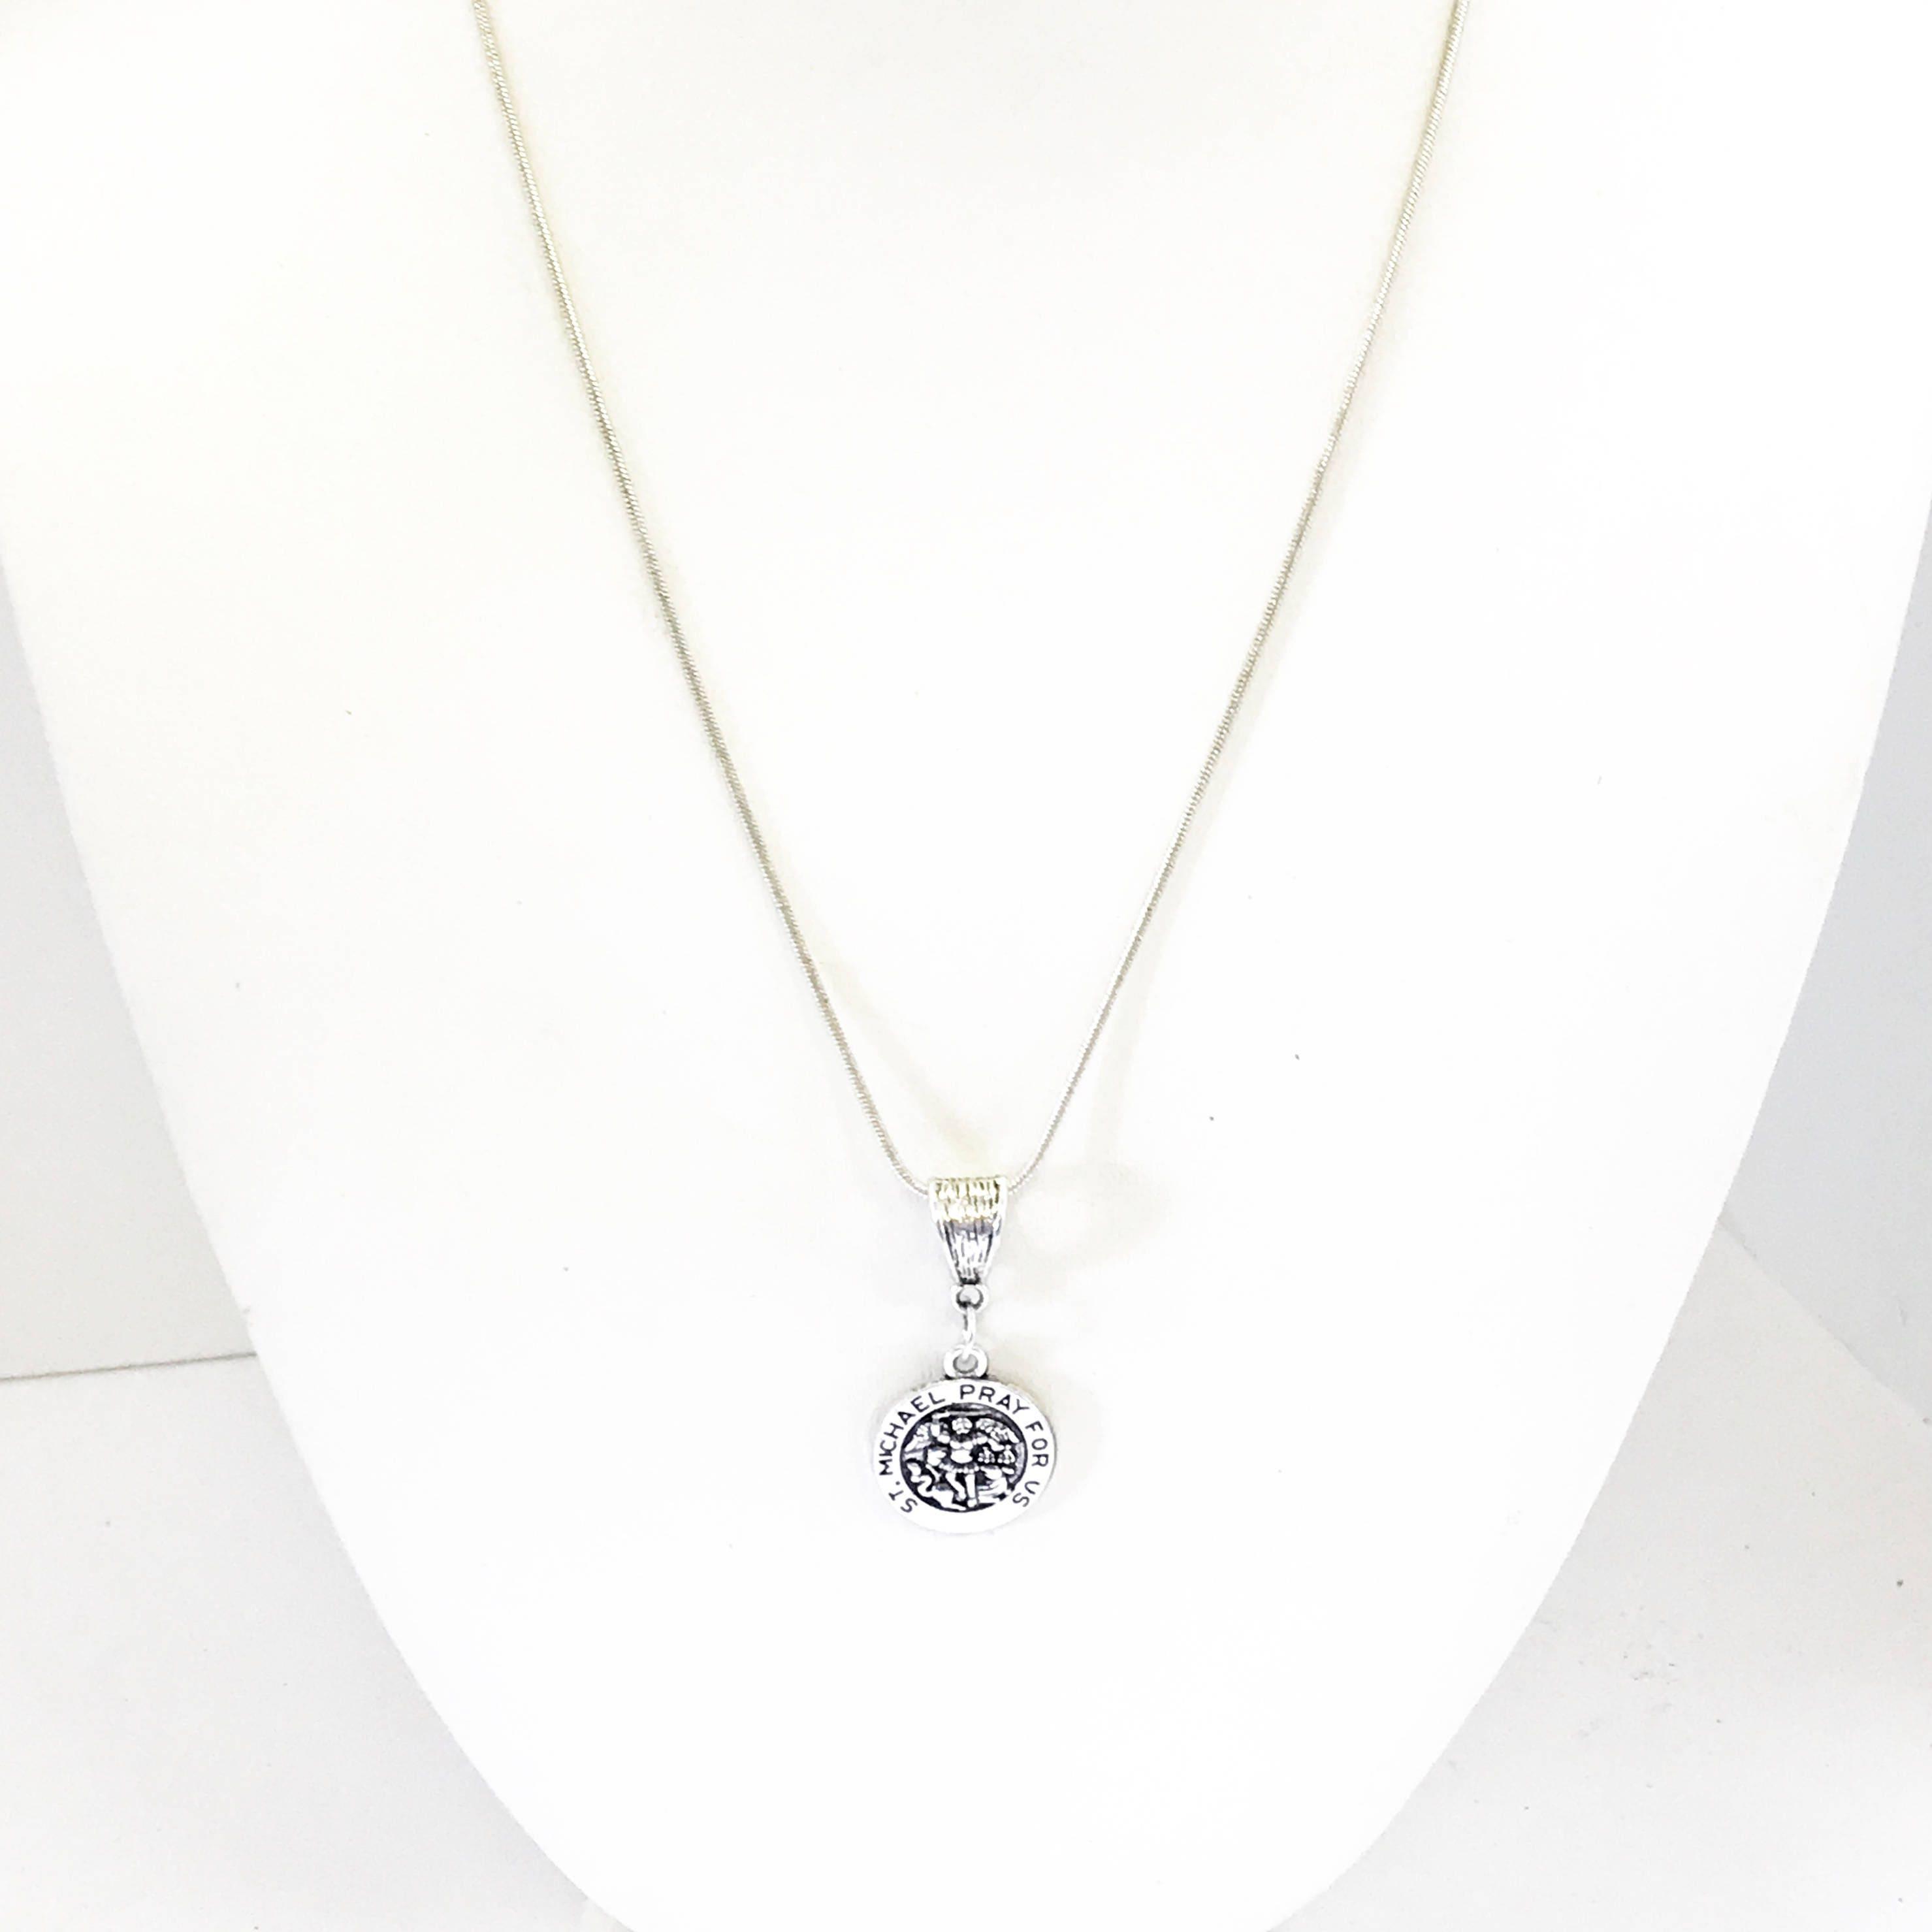 St  Michael Silver Necklace, St Michael Pendant, Patron Saint Jewelry